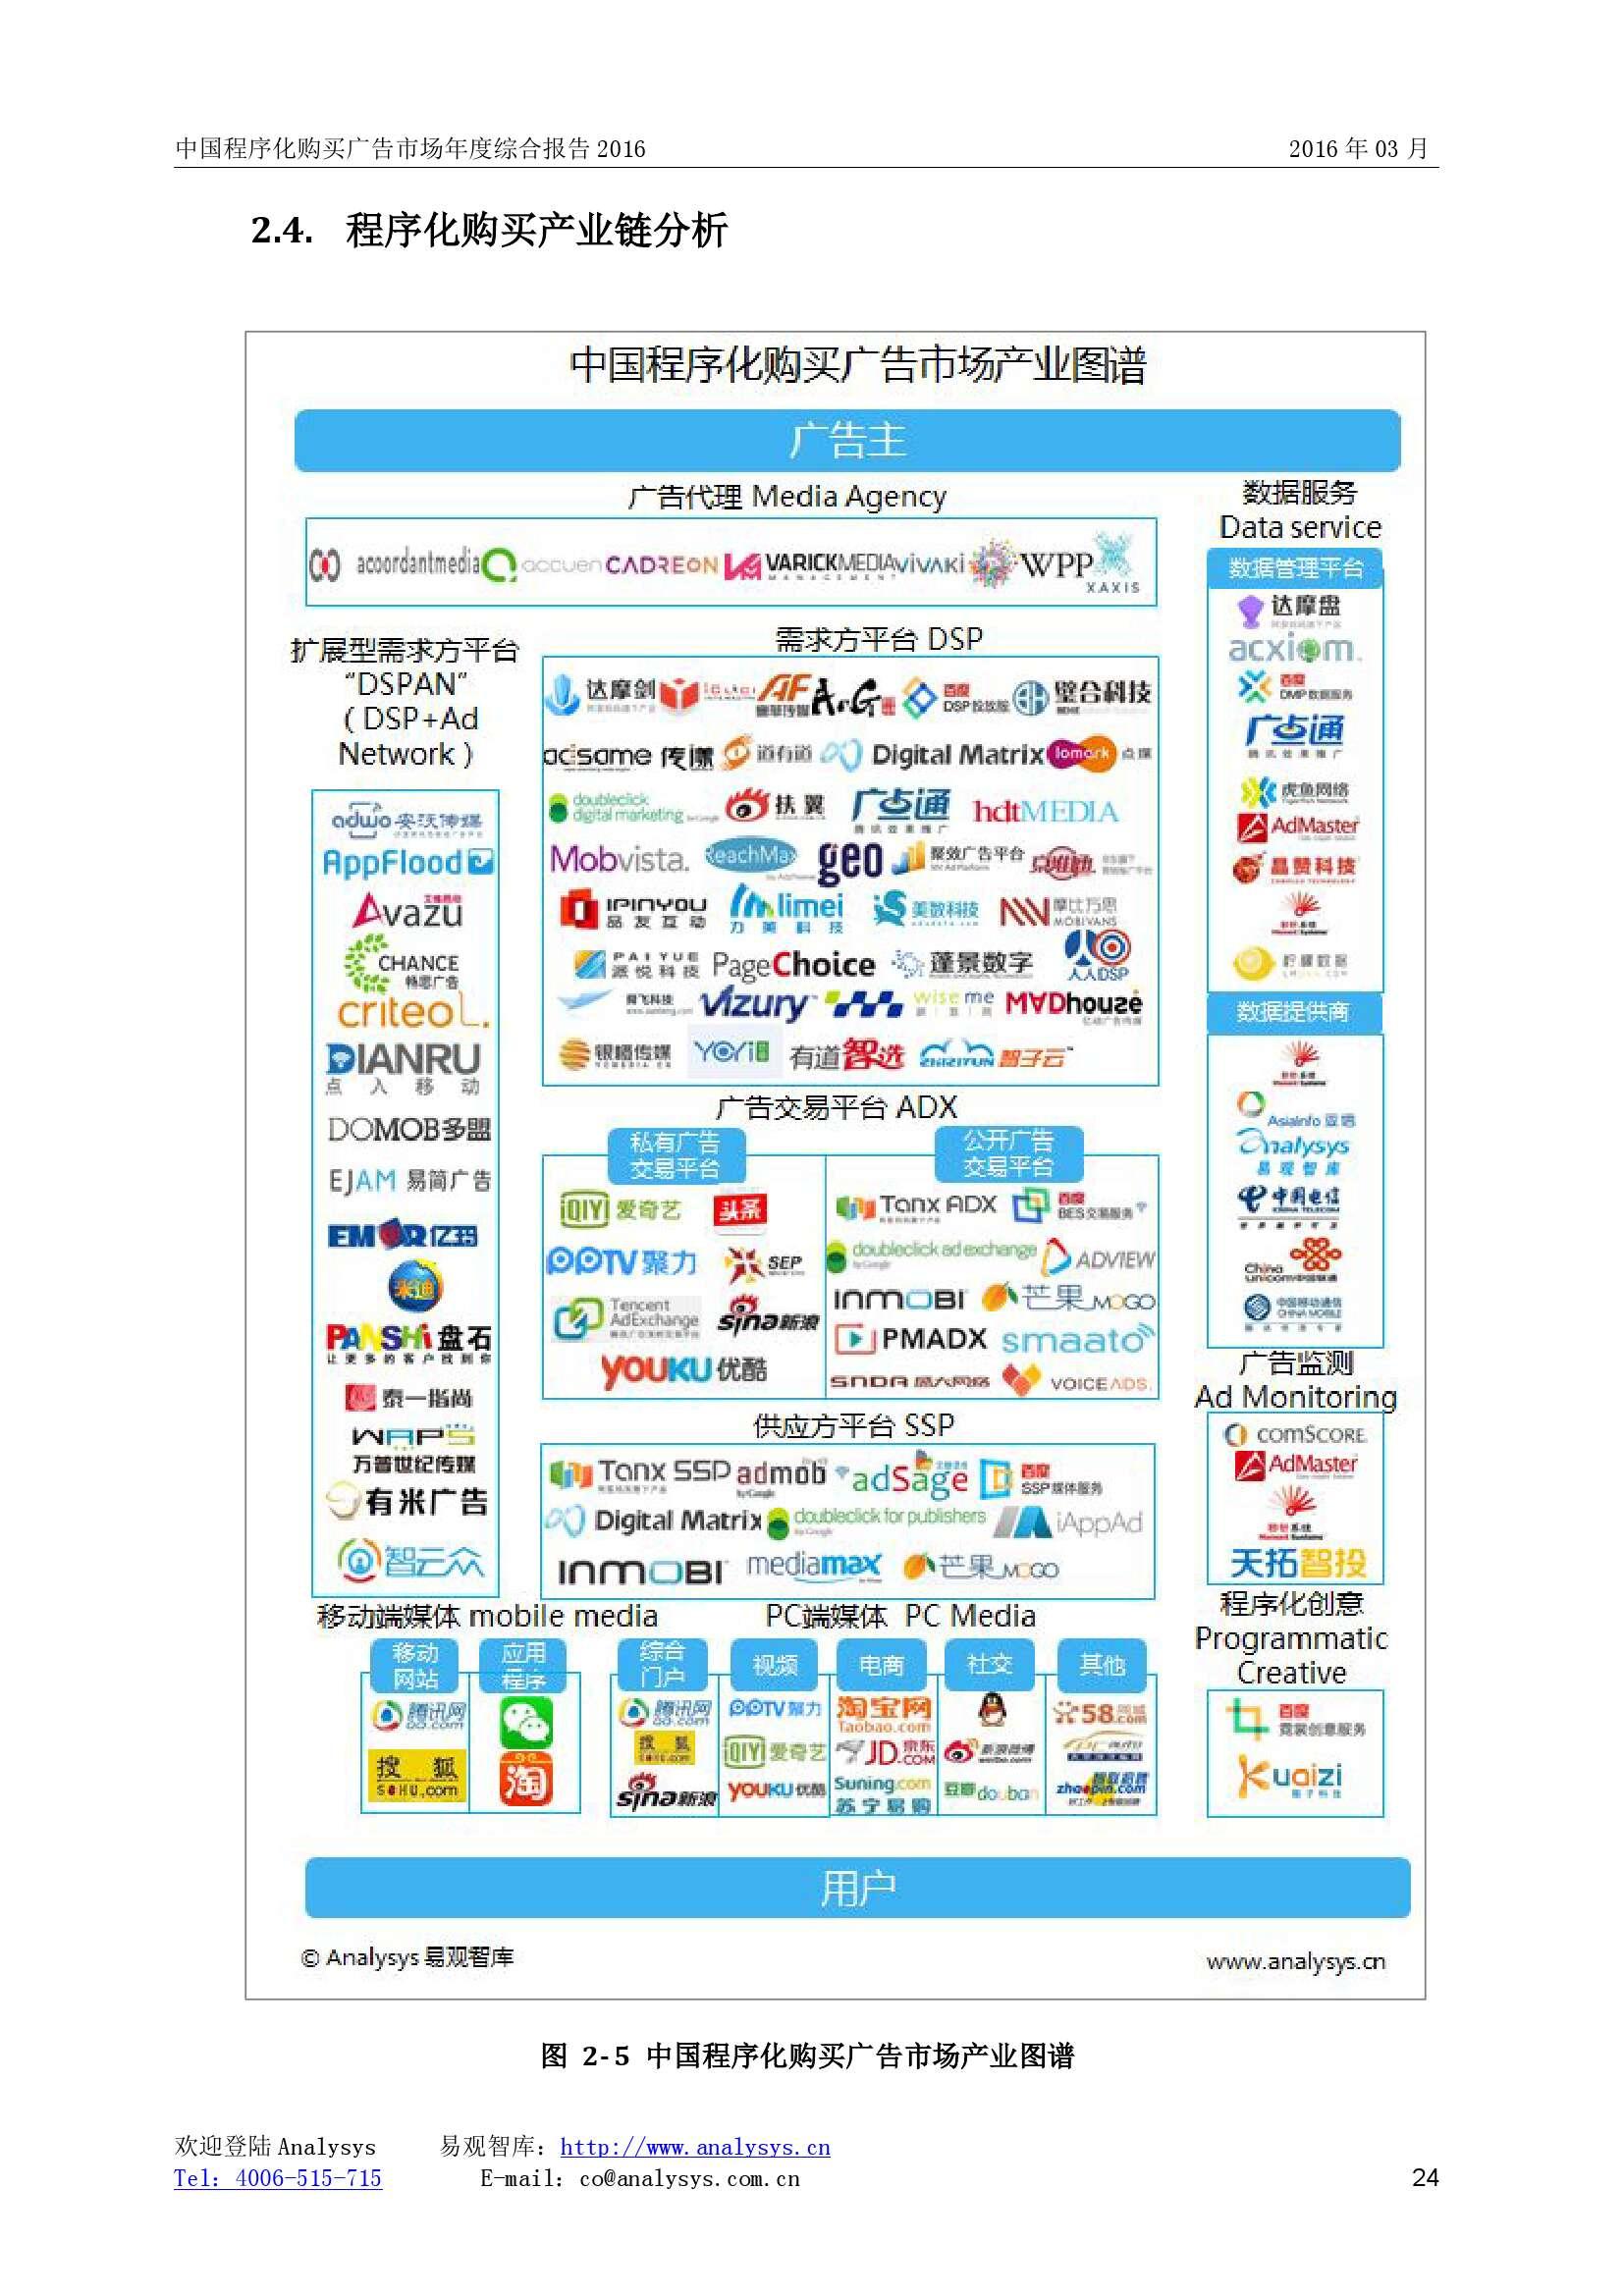 中国程序化购买广告市场年度综合报告2016_000024